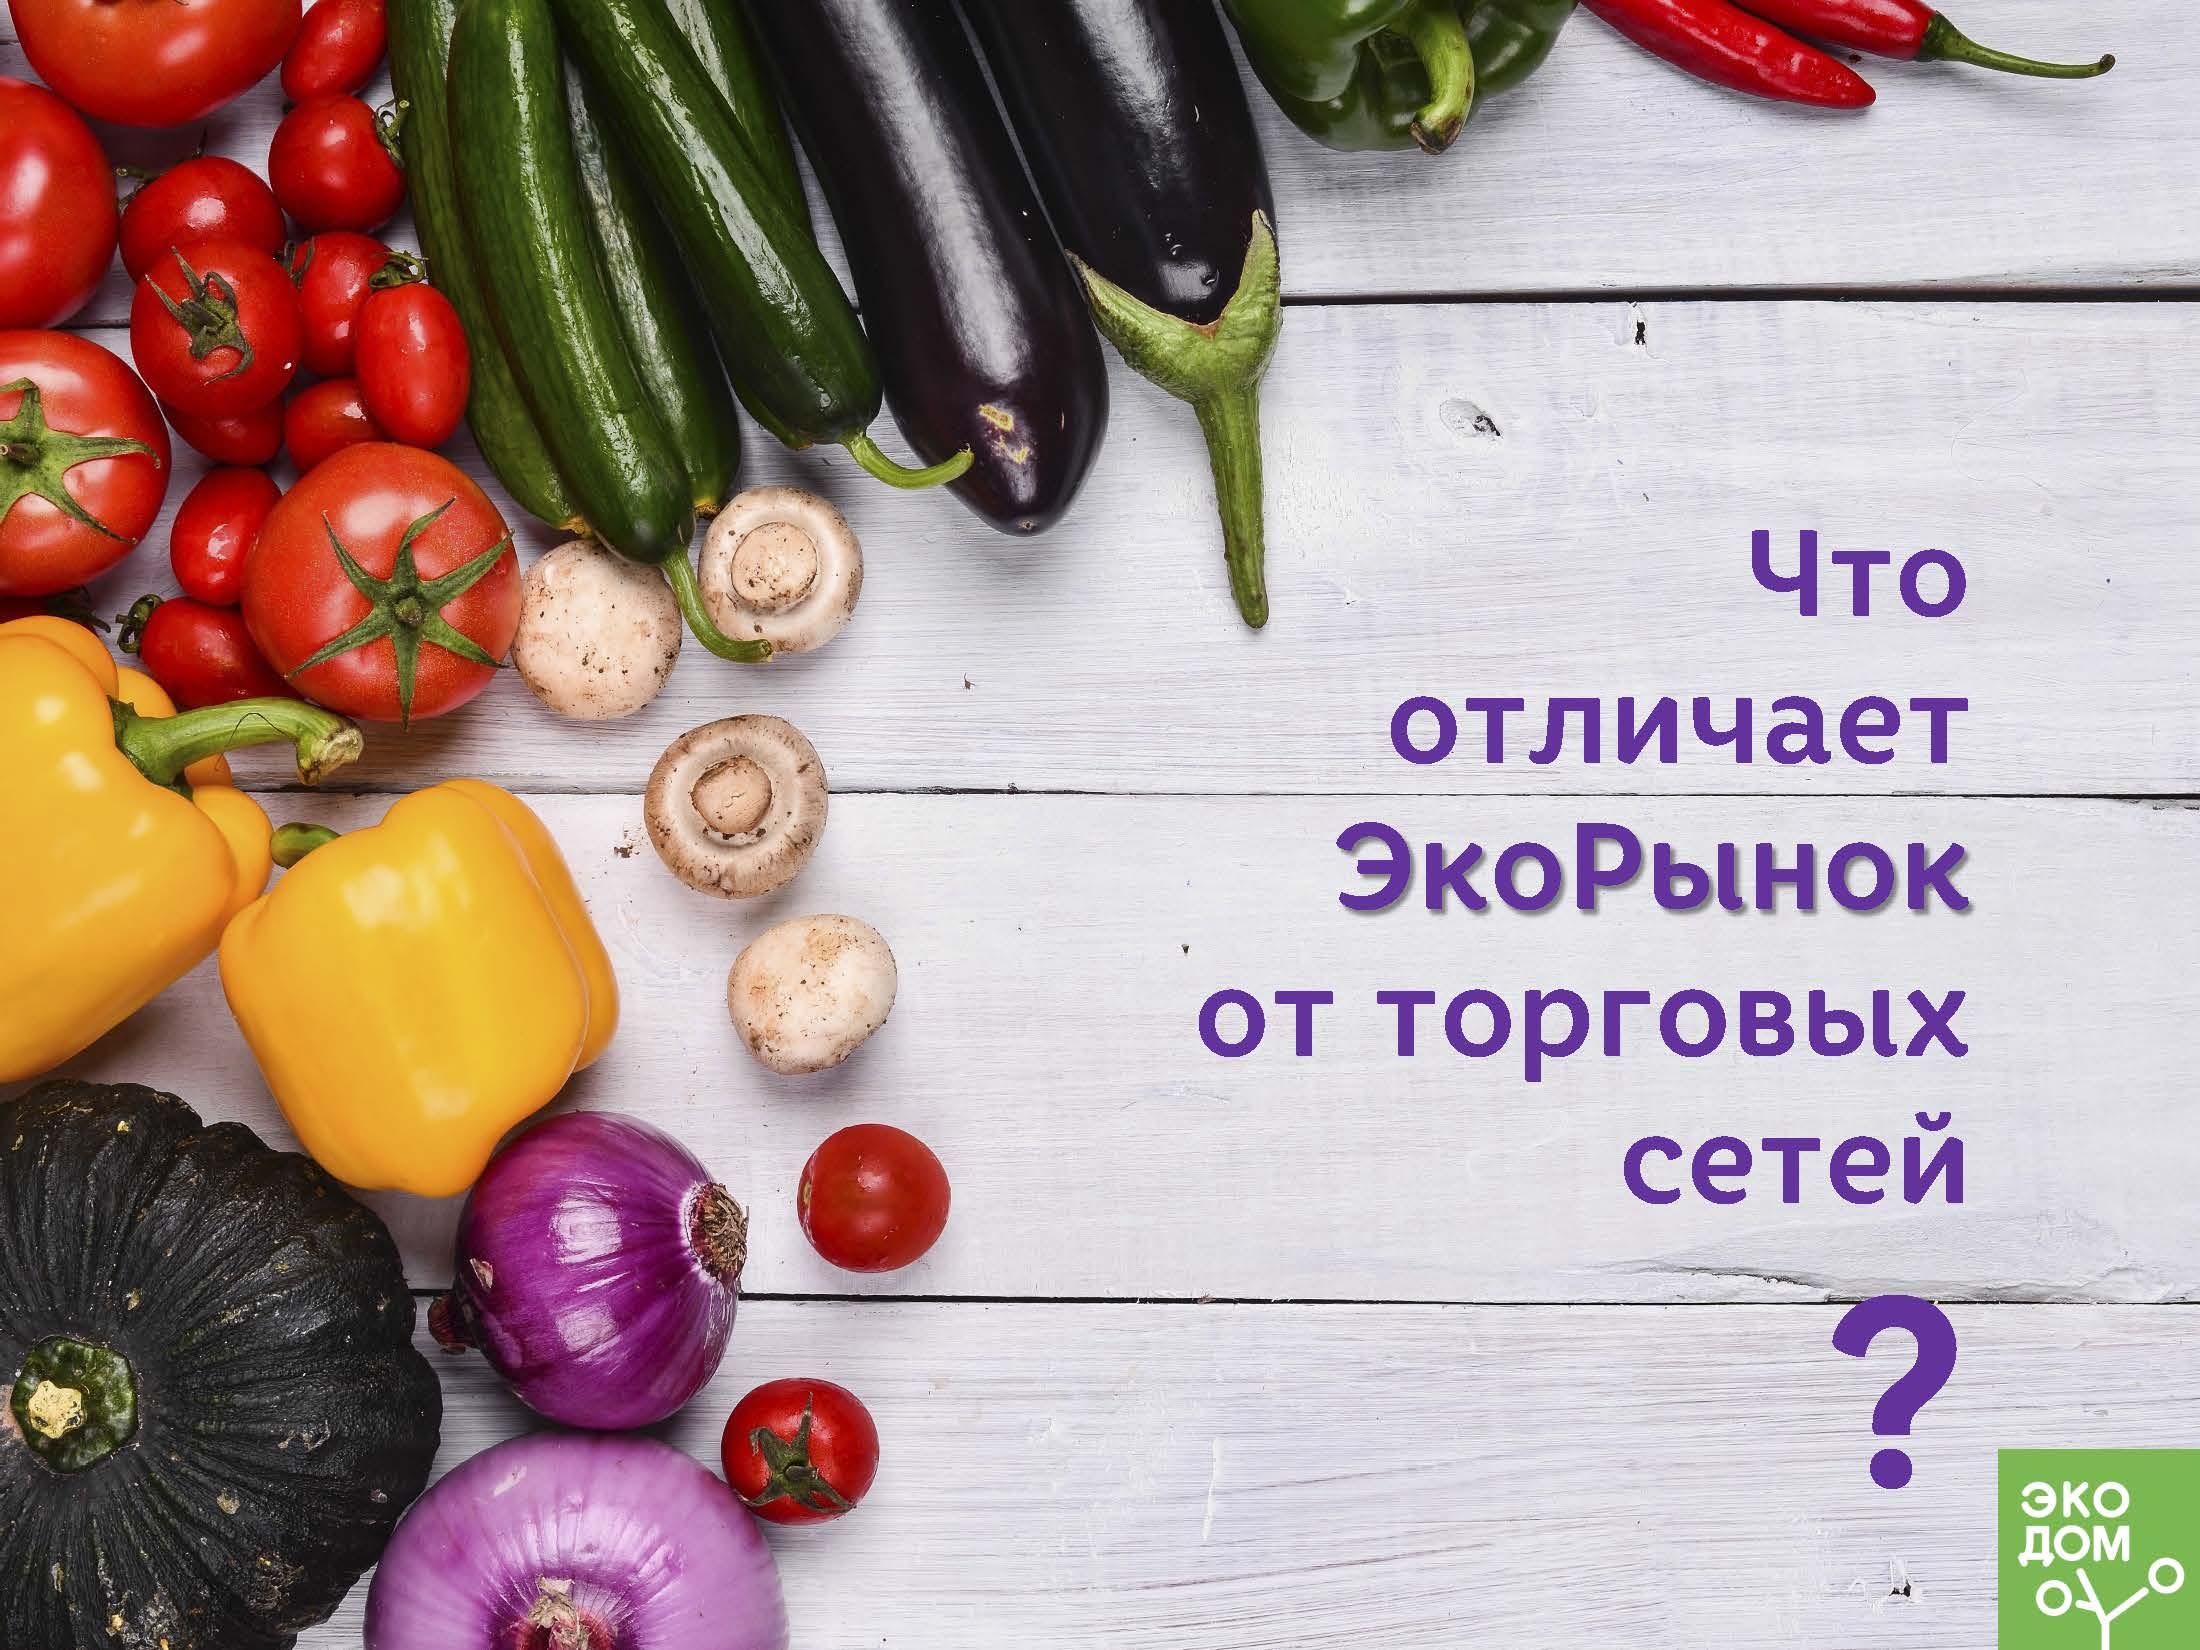 Экорынок_Страница_09